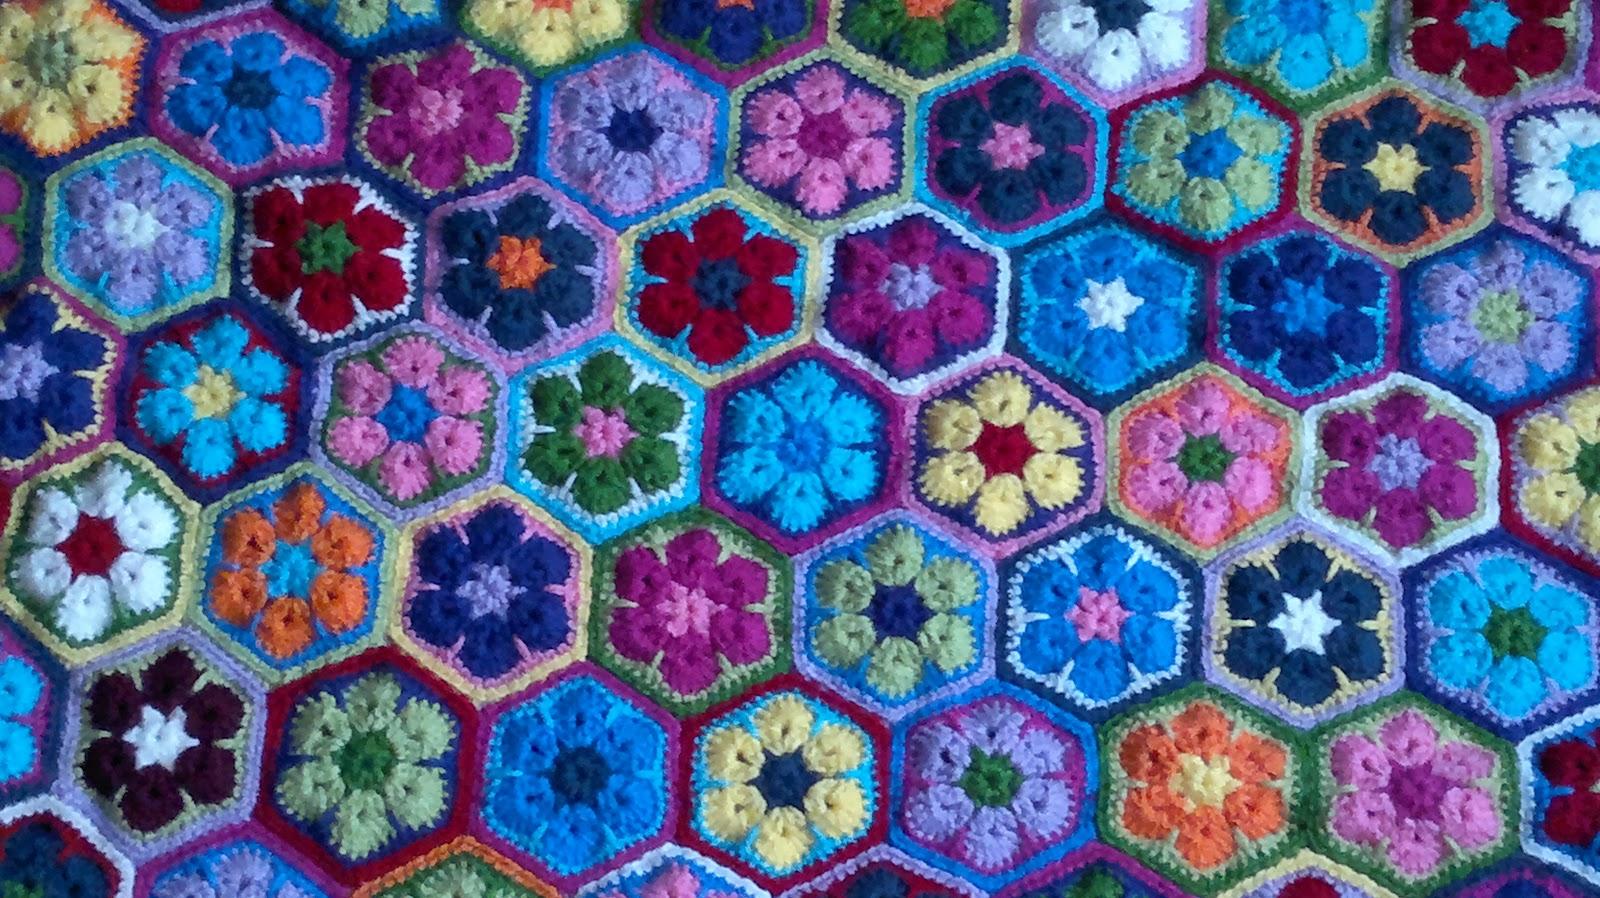 Mis perendengues: Análisis de la manta de flores africanas